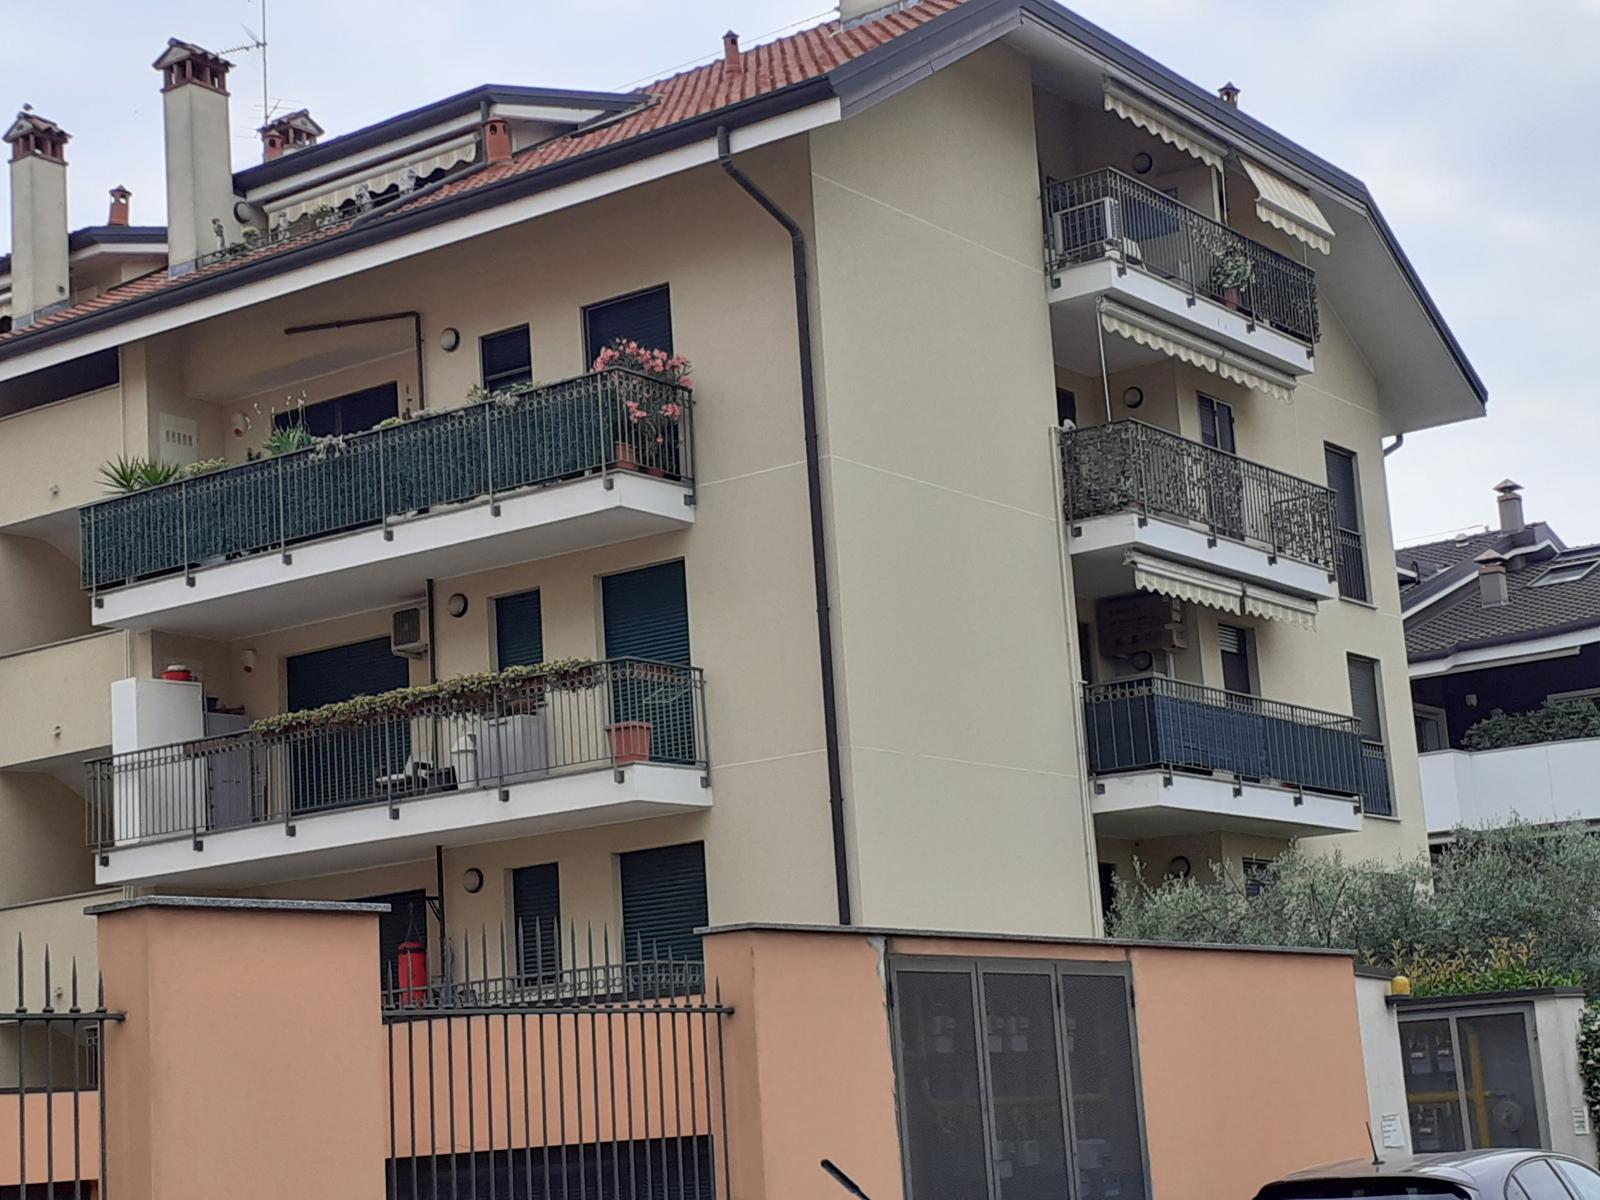 appartamento-in-vendita-bareggio-2-locali-bilocale-spaziourbano-immobiliare-vende-22